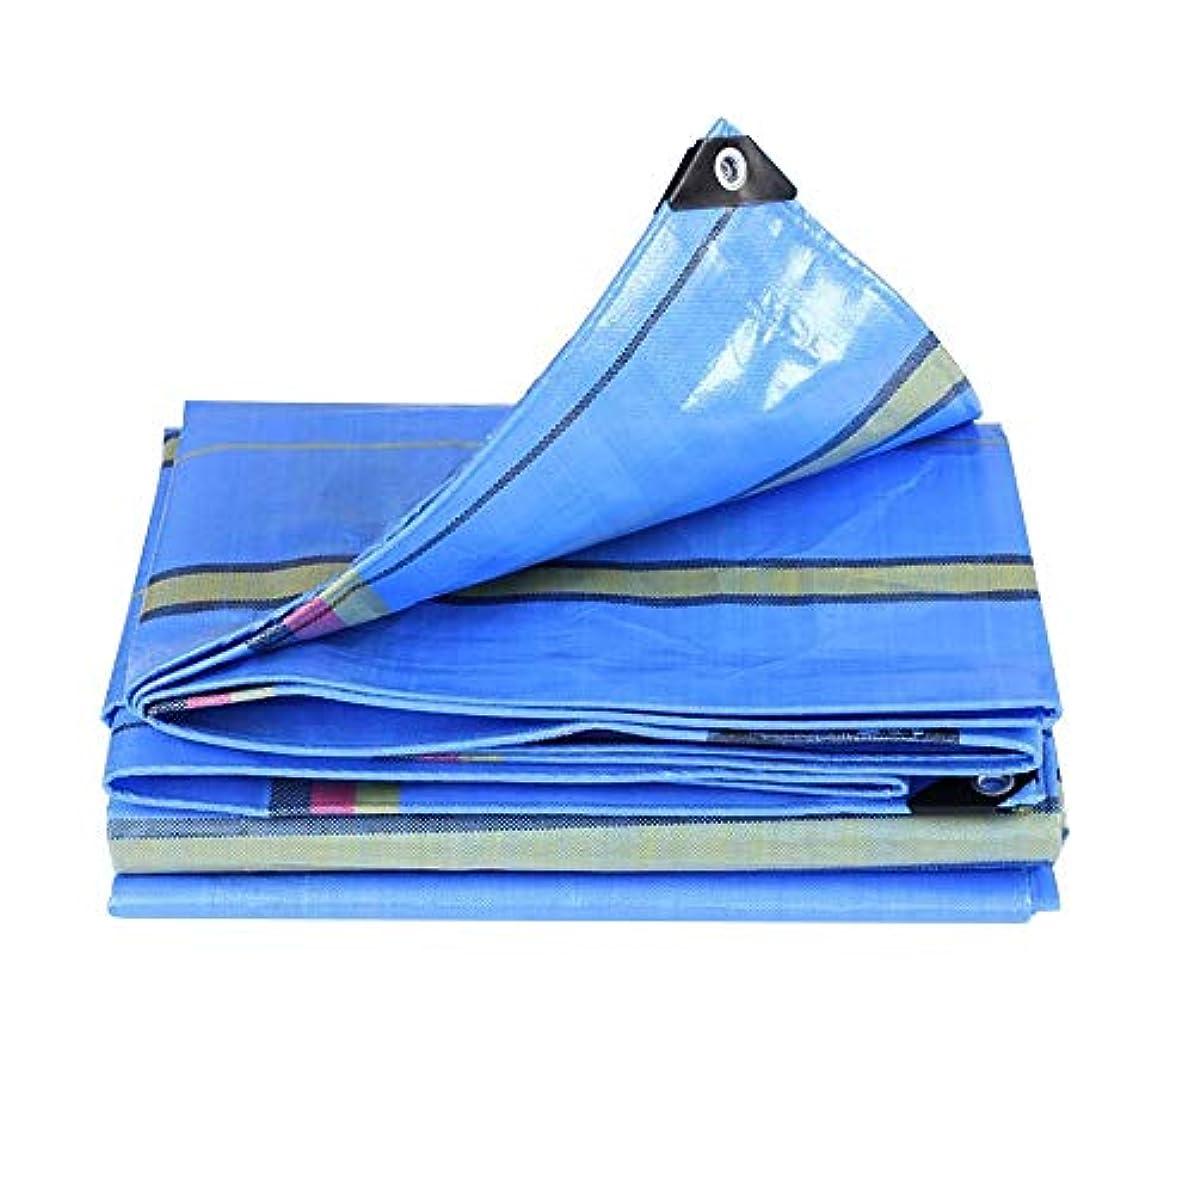 虹群がるコミットXIAOYAN タープ 防水シート、防水/防雨/日焼け止めクロス厚手屋外プラスチックシート多目的防水カバー200g /m²